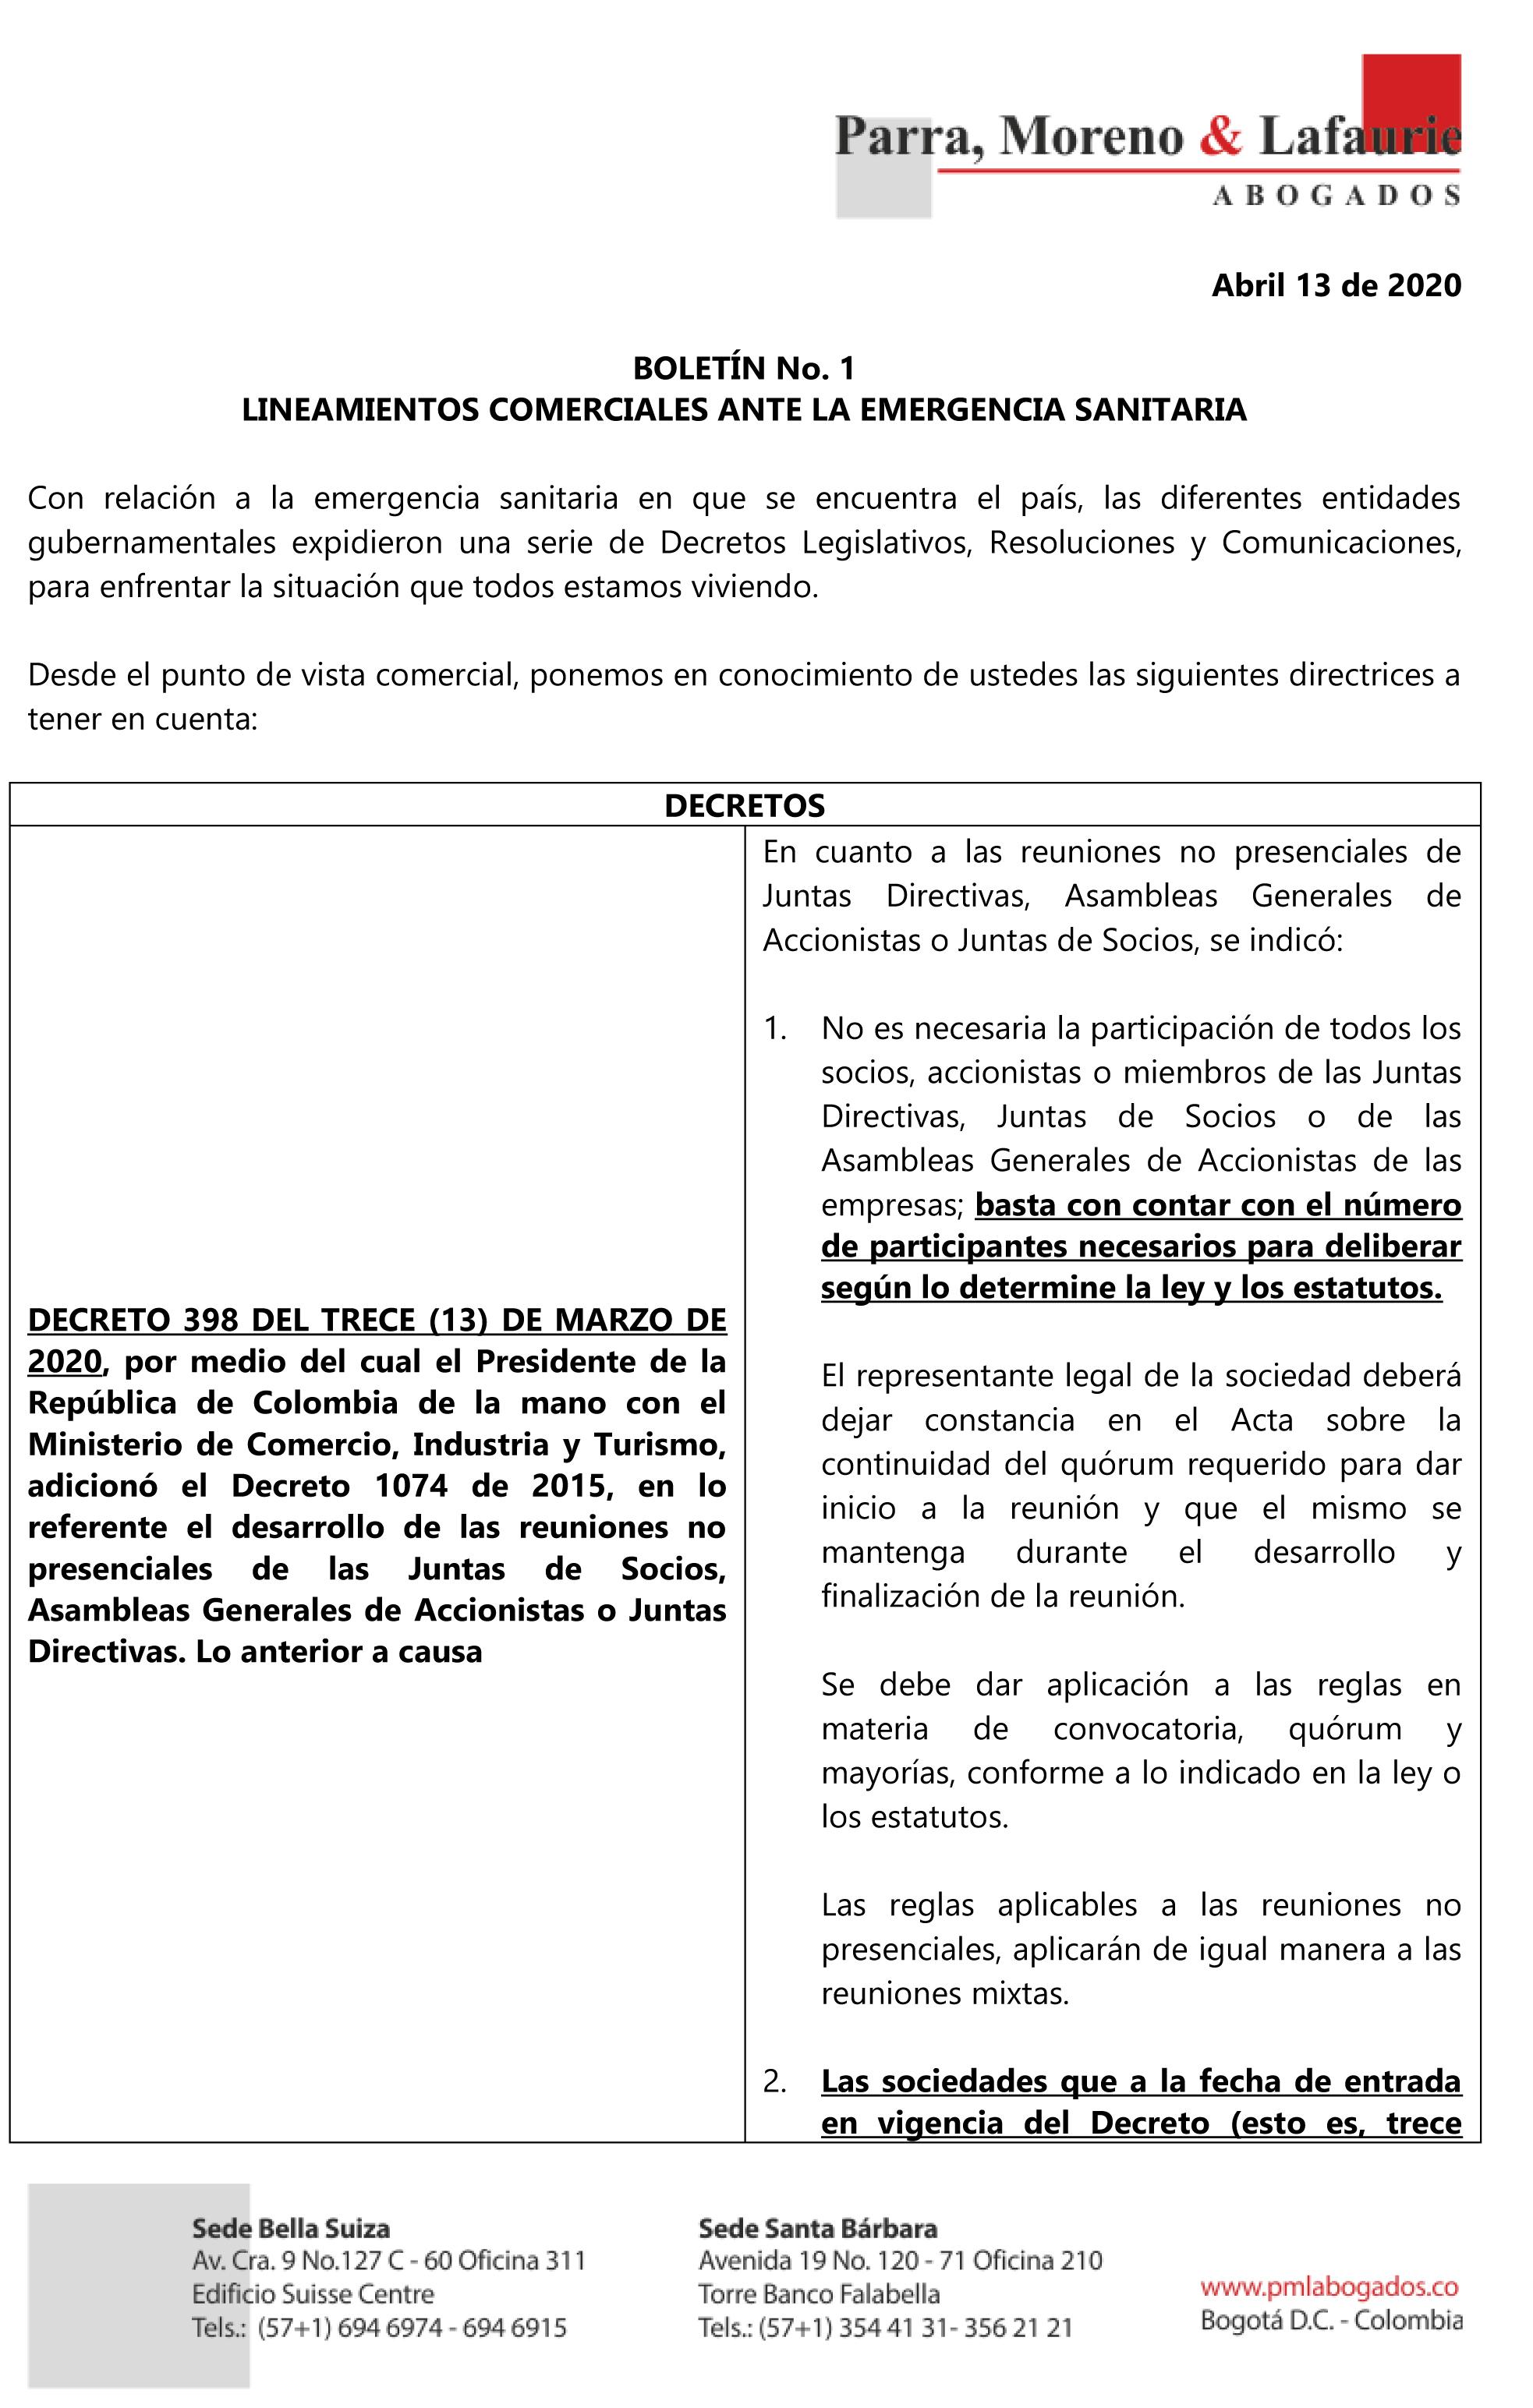 BOLETÍN No. 1 COVID-19 PARRA MORENO 140420-4